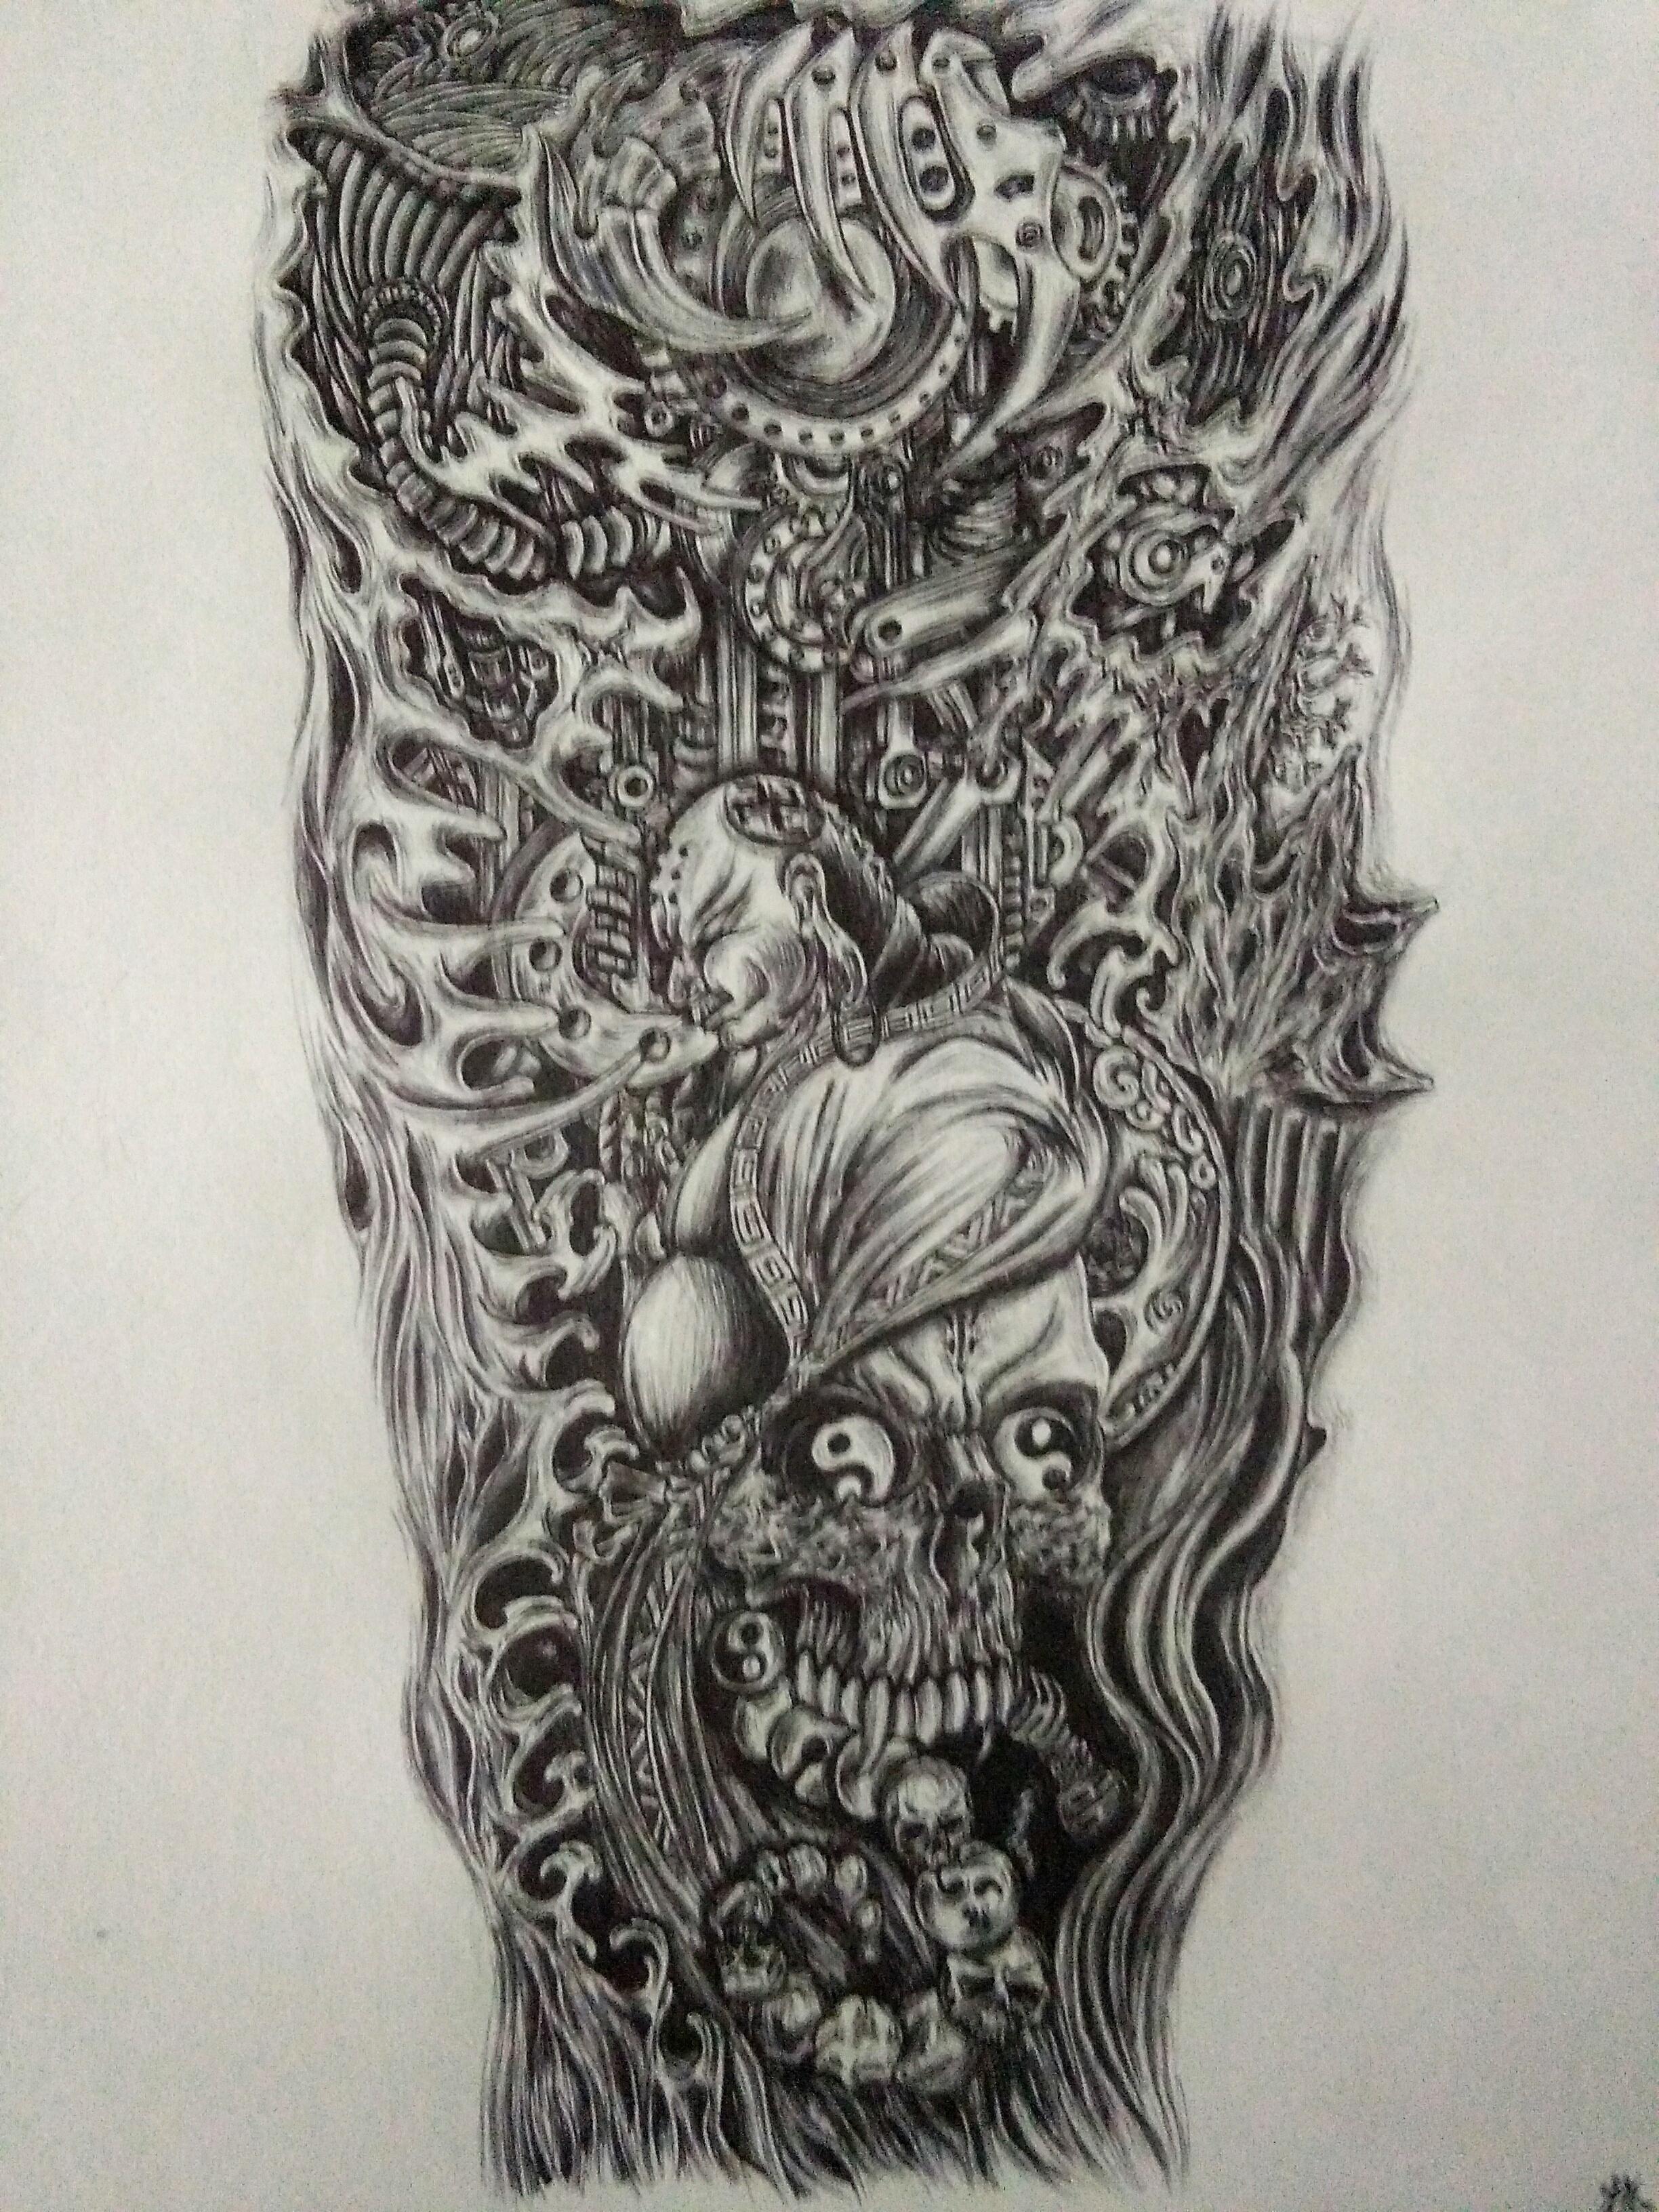 花臂纹身手稿原创手绘